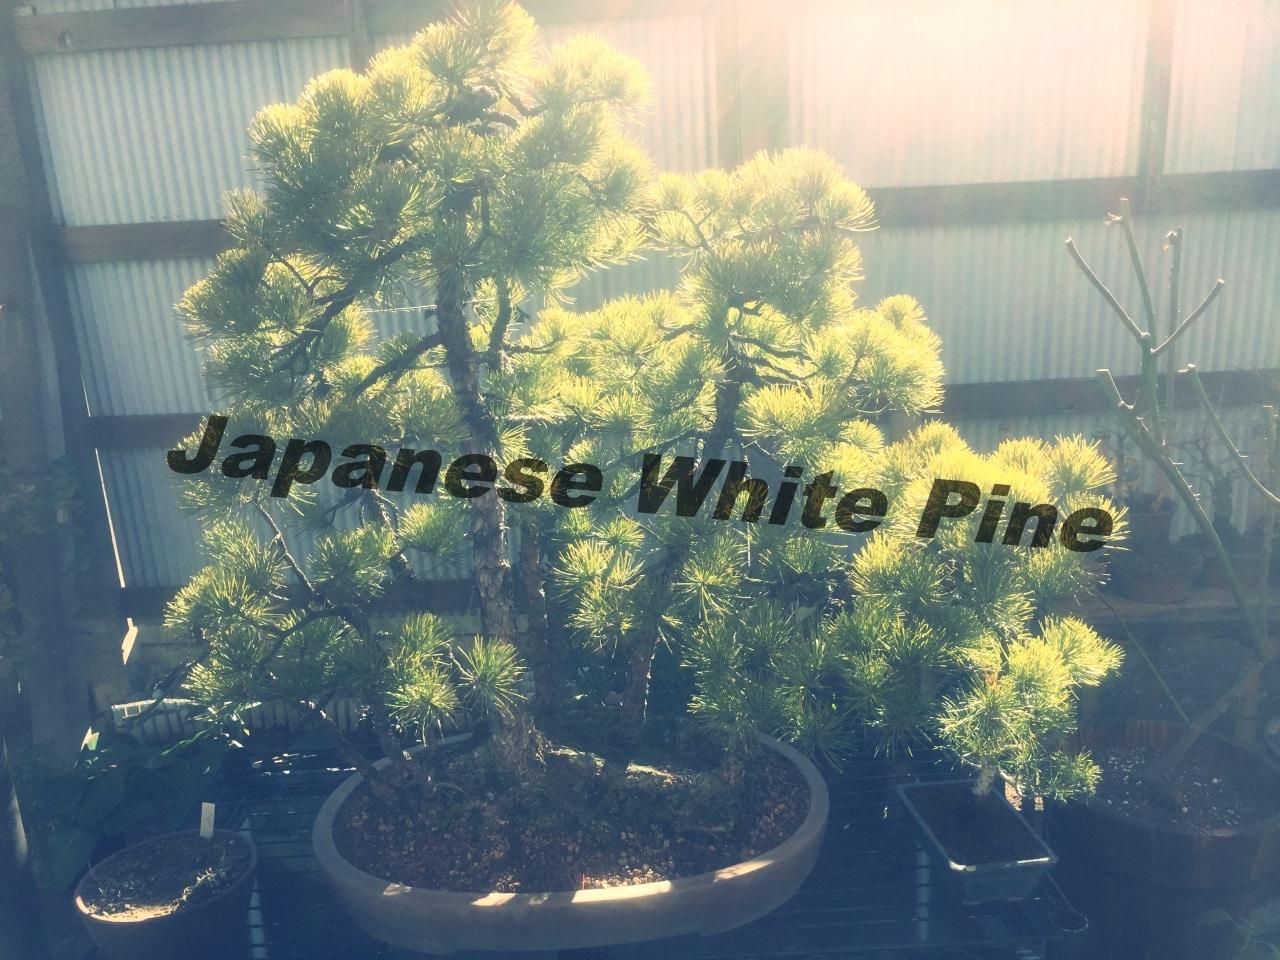 五葉松盆栽の植え替え時期はいつ?土の選び方や育て方と肥料についても